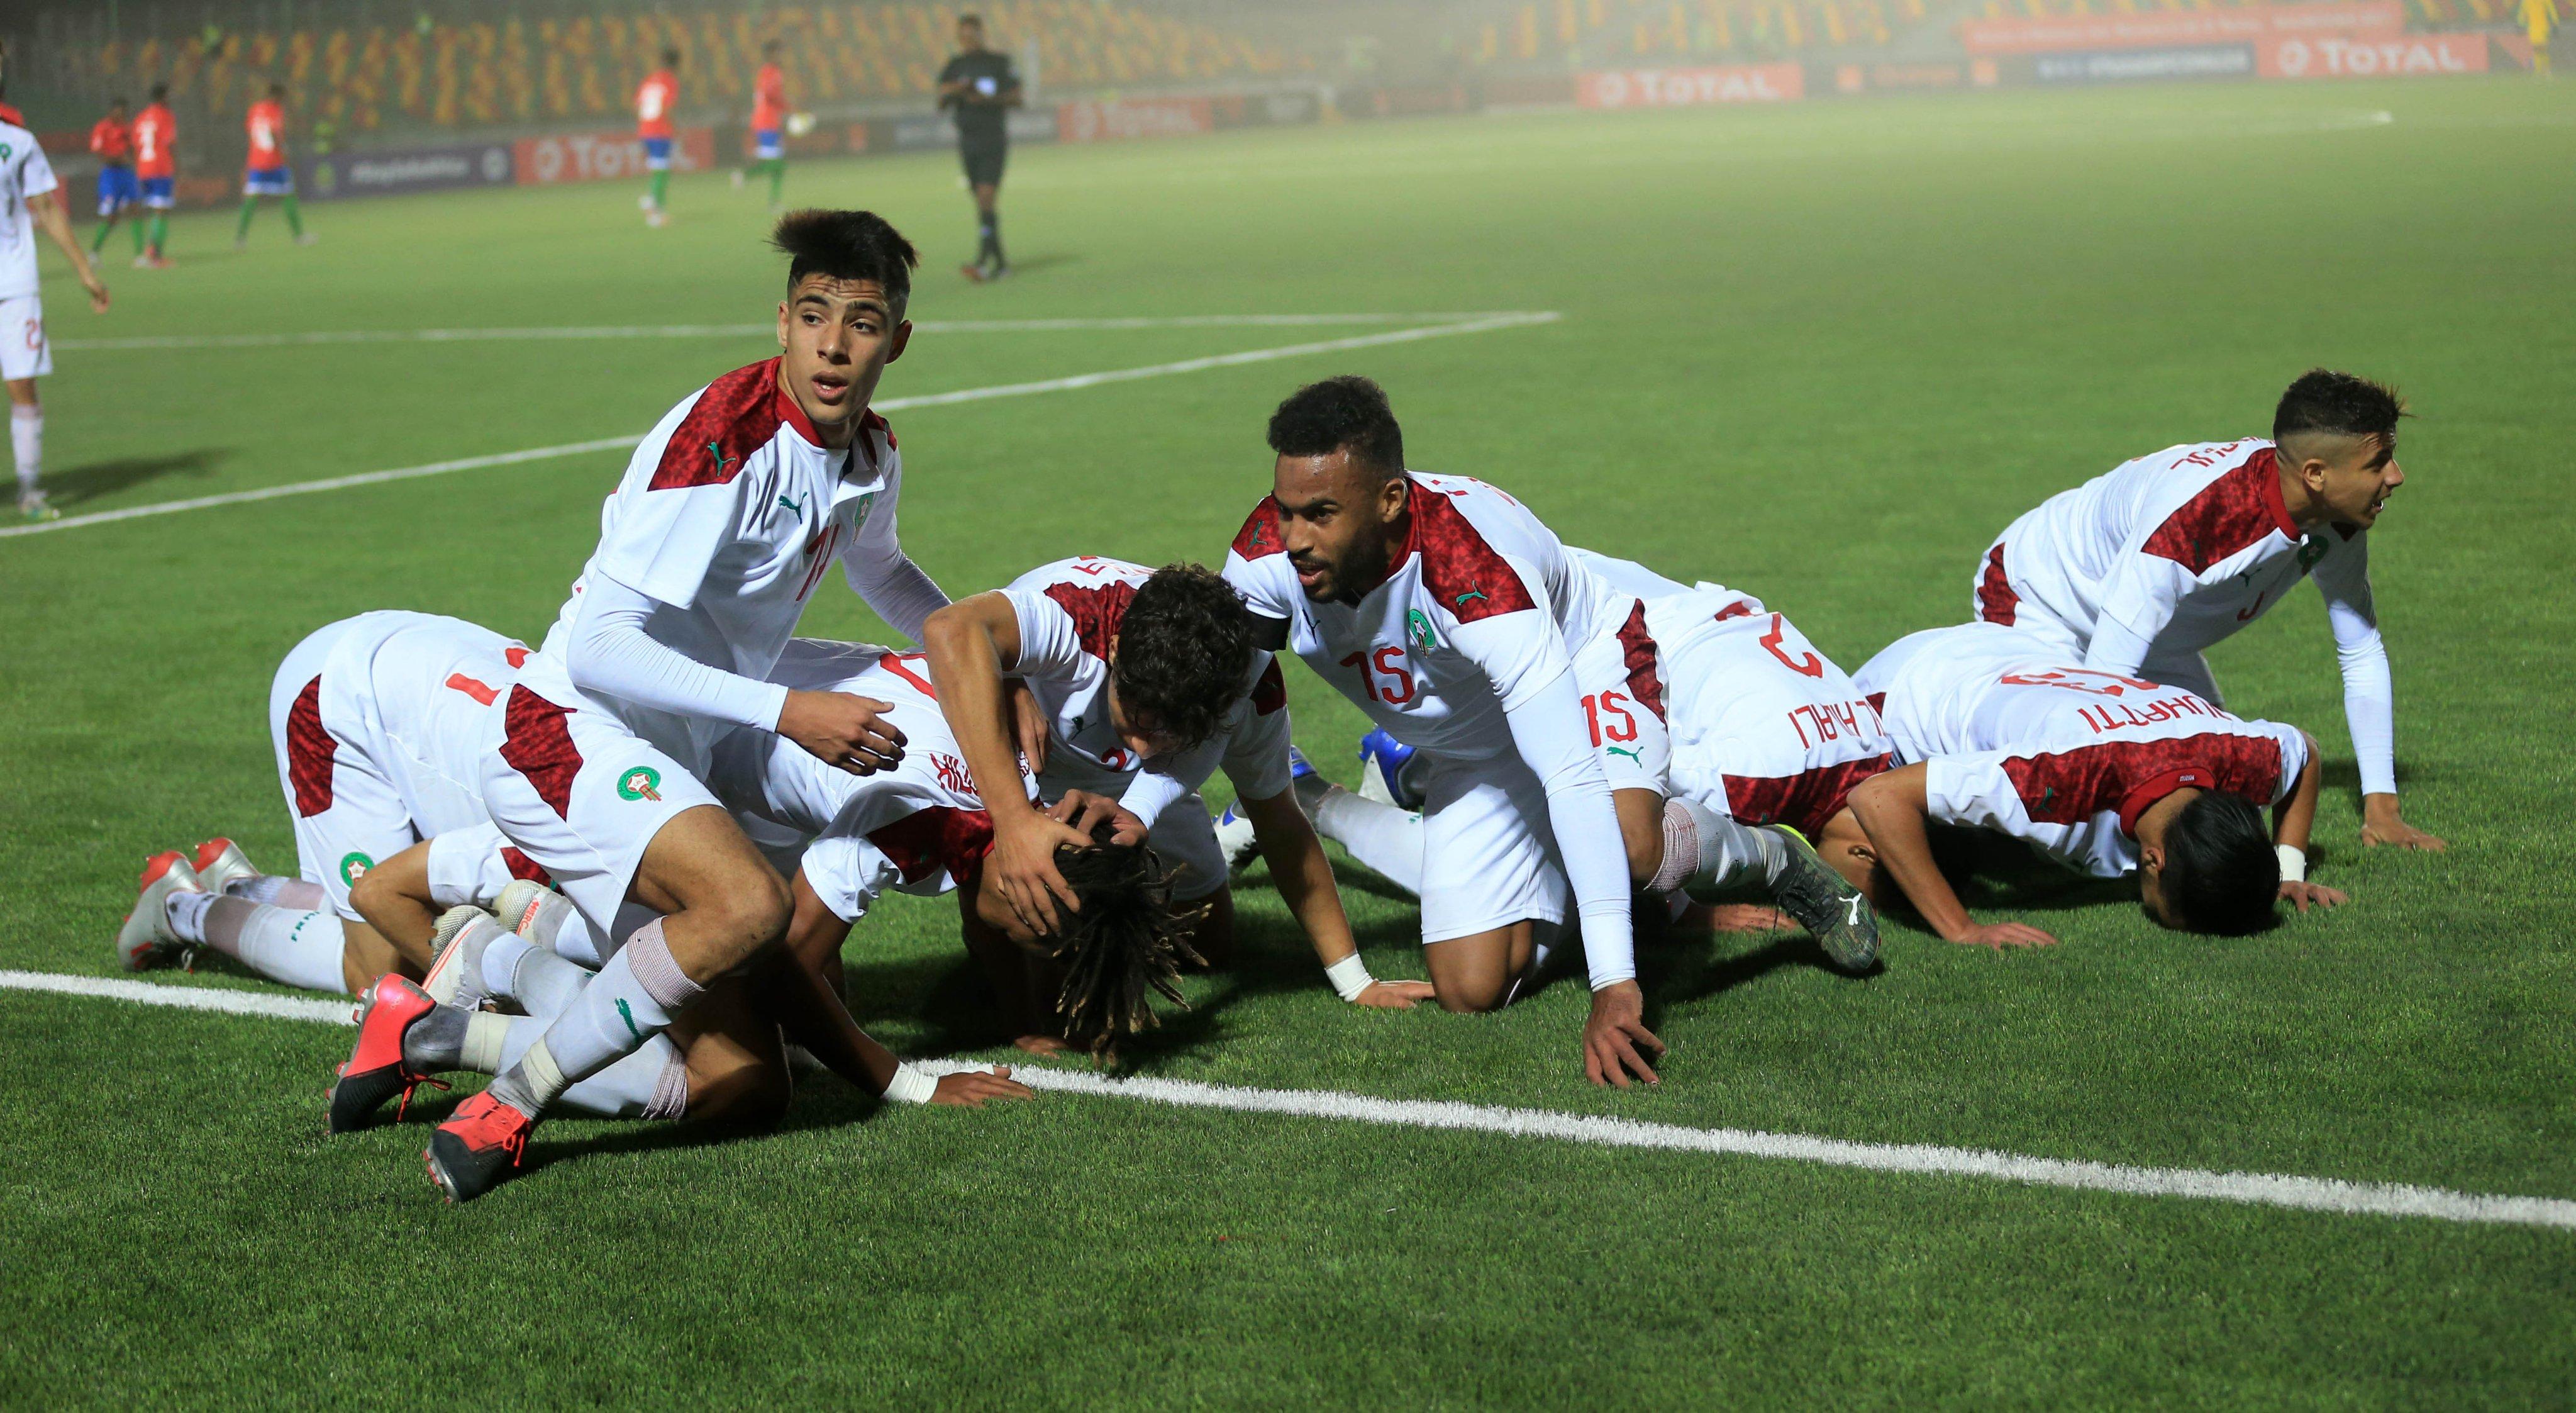 كأس افريقيا تحت 20 سنة.. أشبال الأطلس يعبرون حاجز عقارب غامبيا